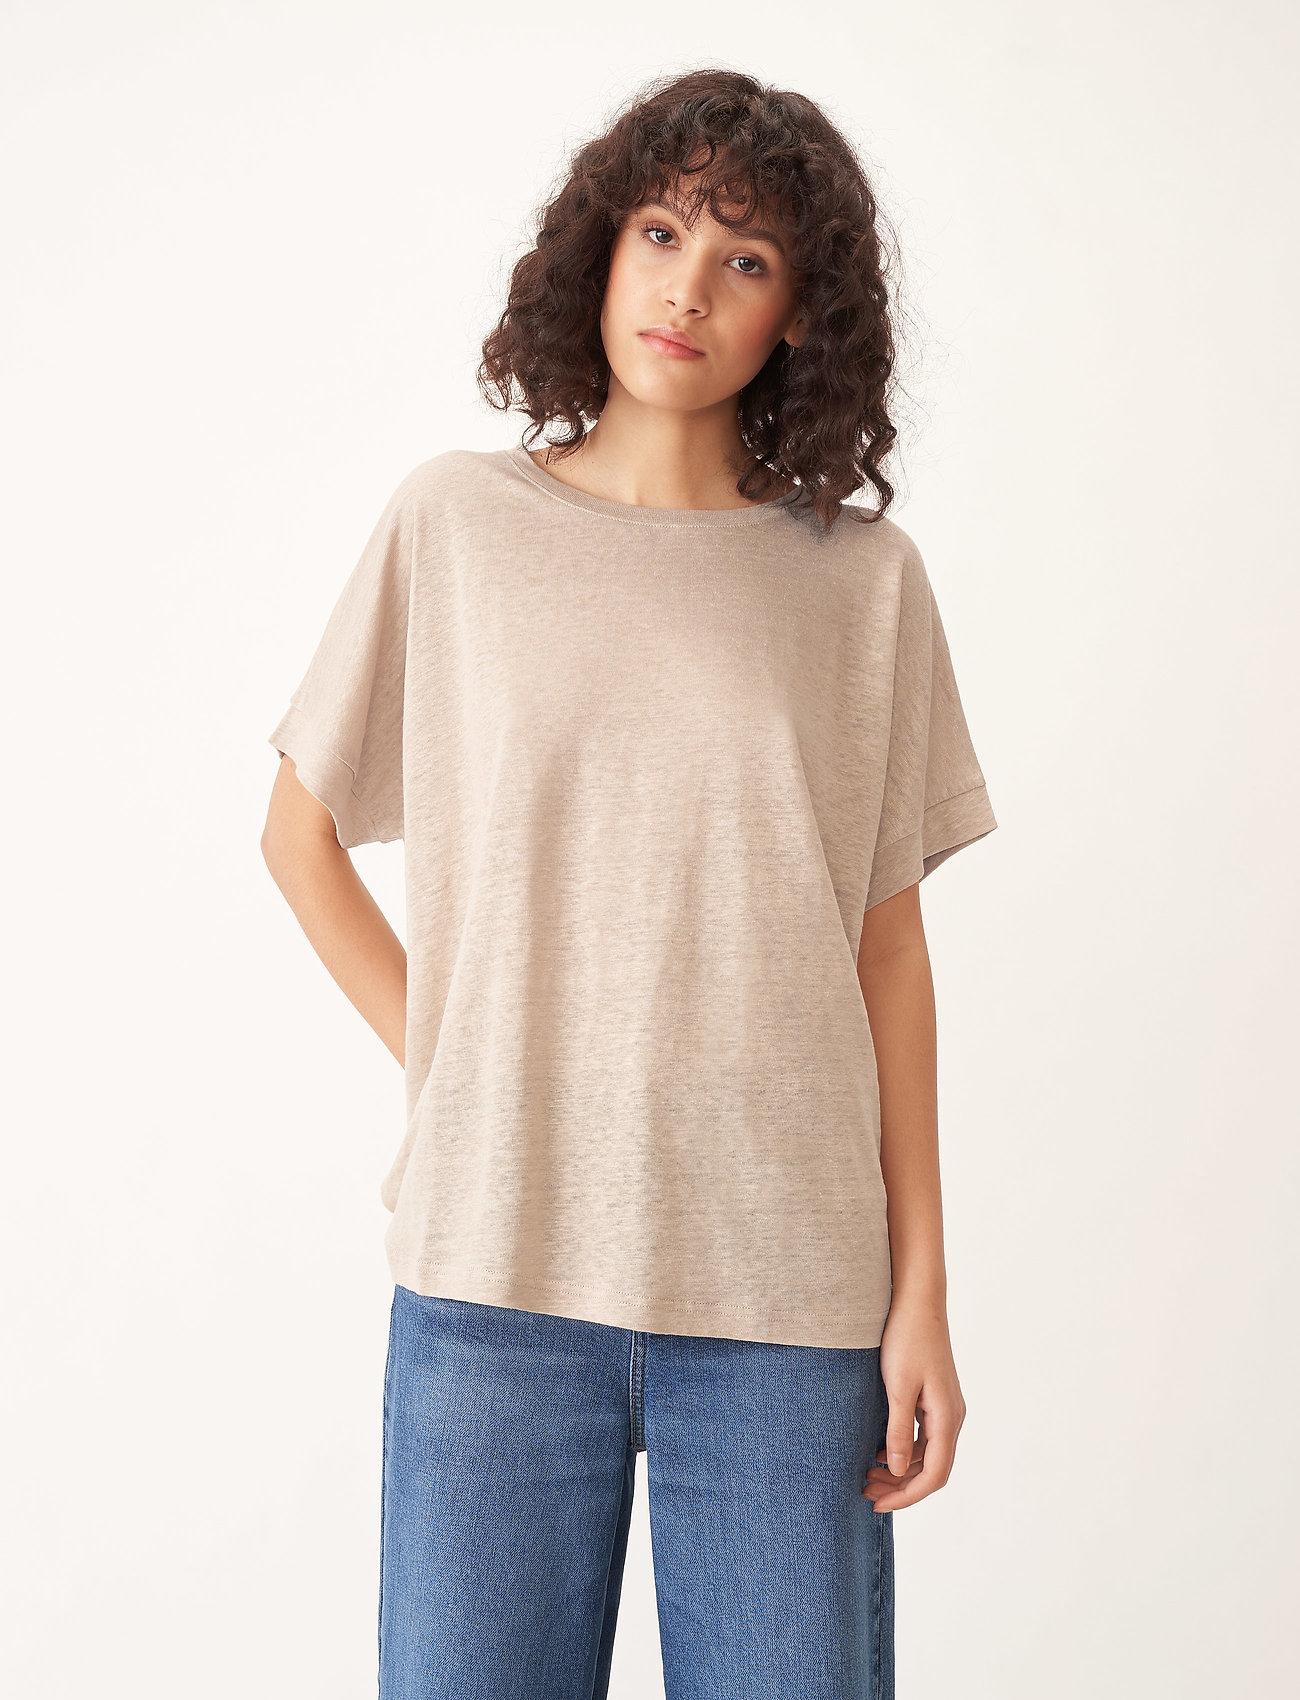 Carin Wester - Sense linen - t-shirts - beige - 0